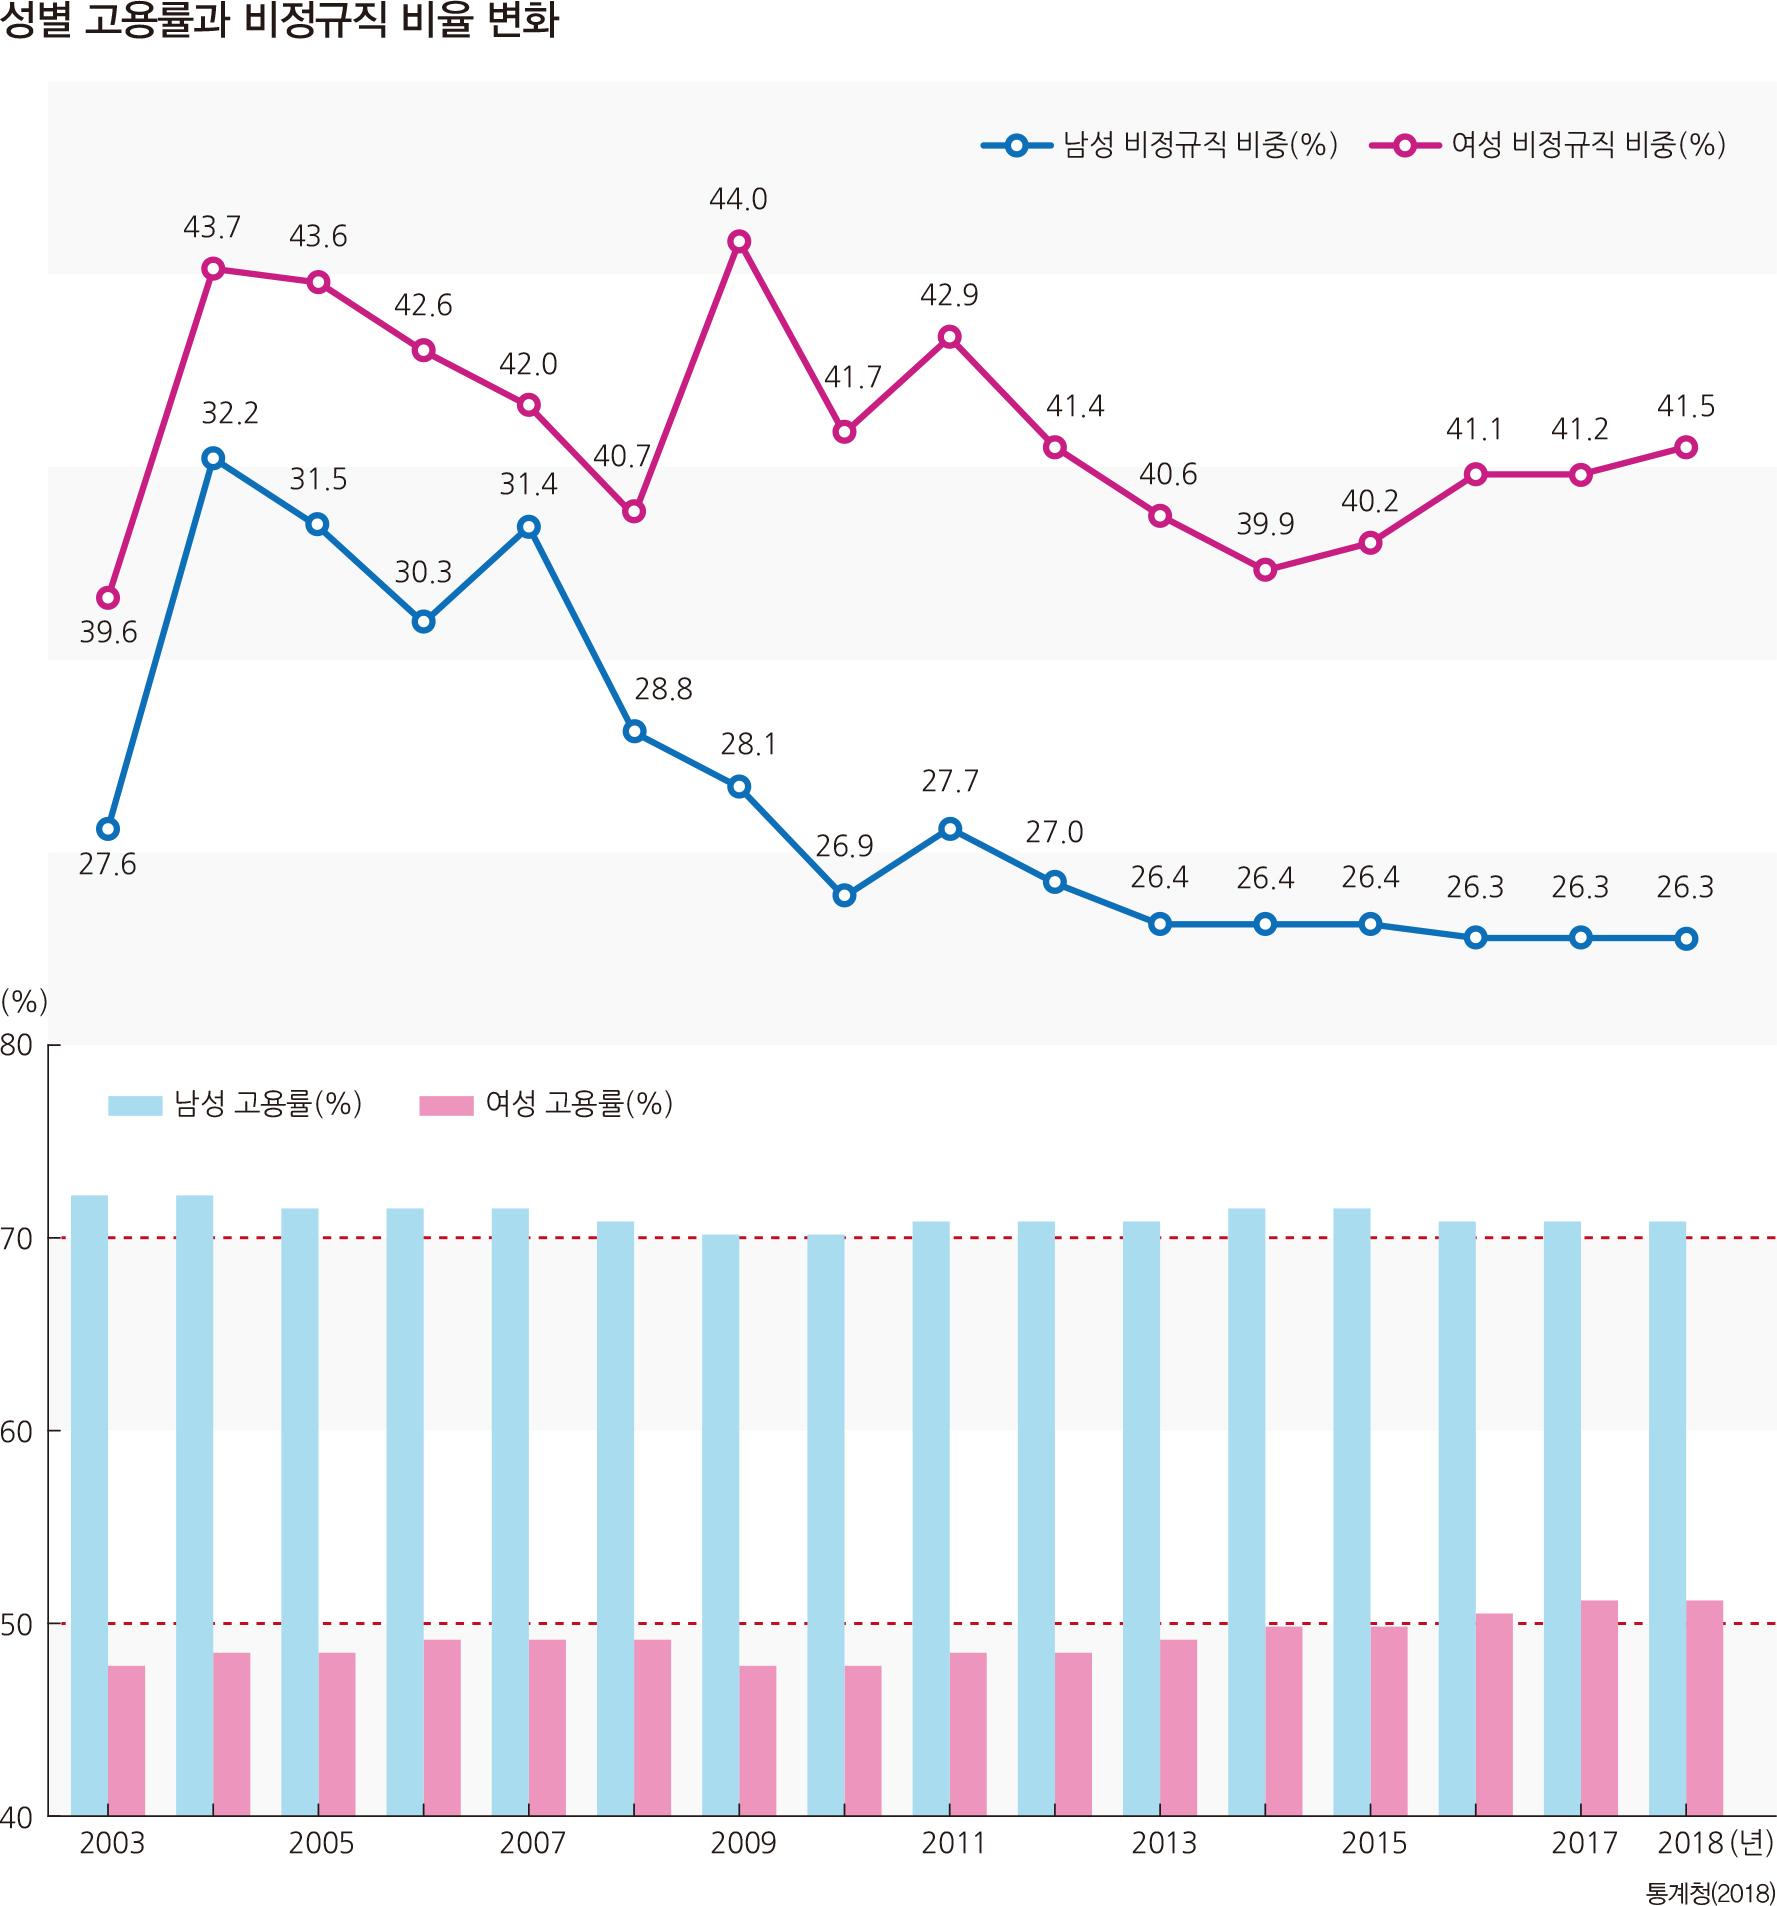 성별 고용률과 비정규직 비율 변화